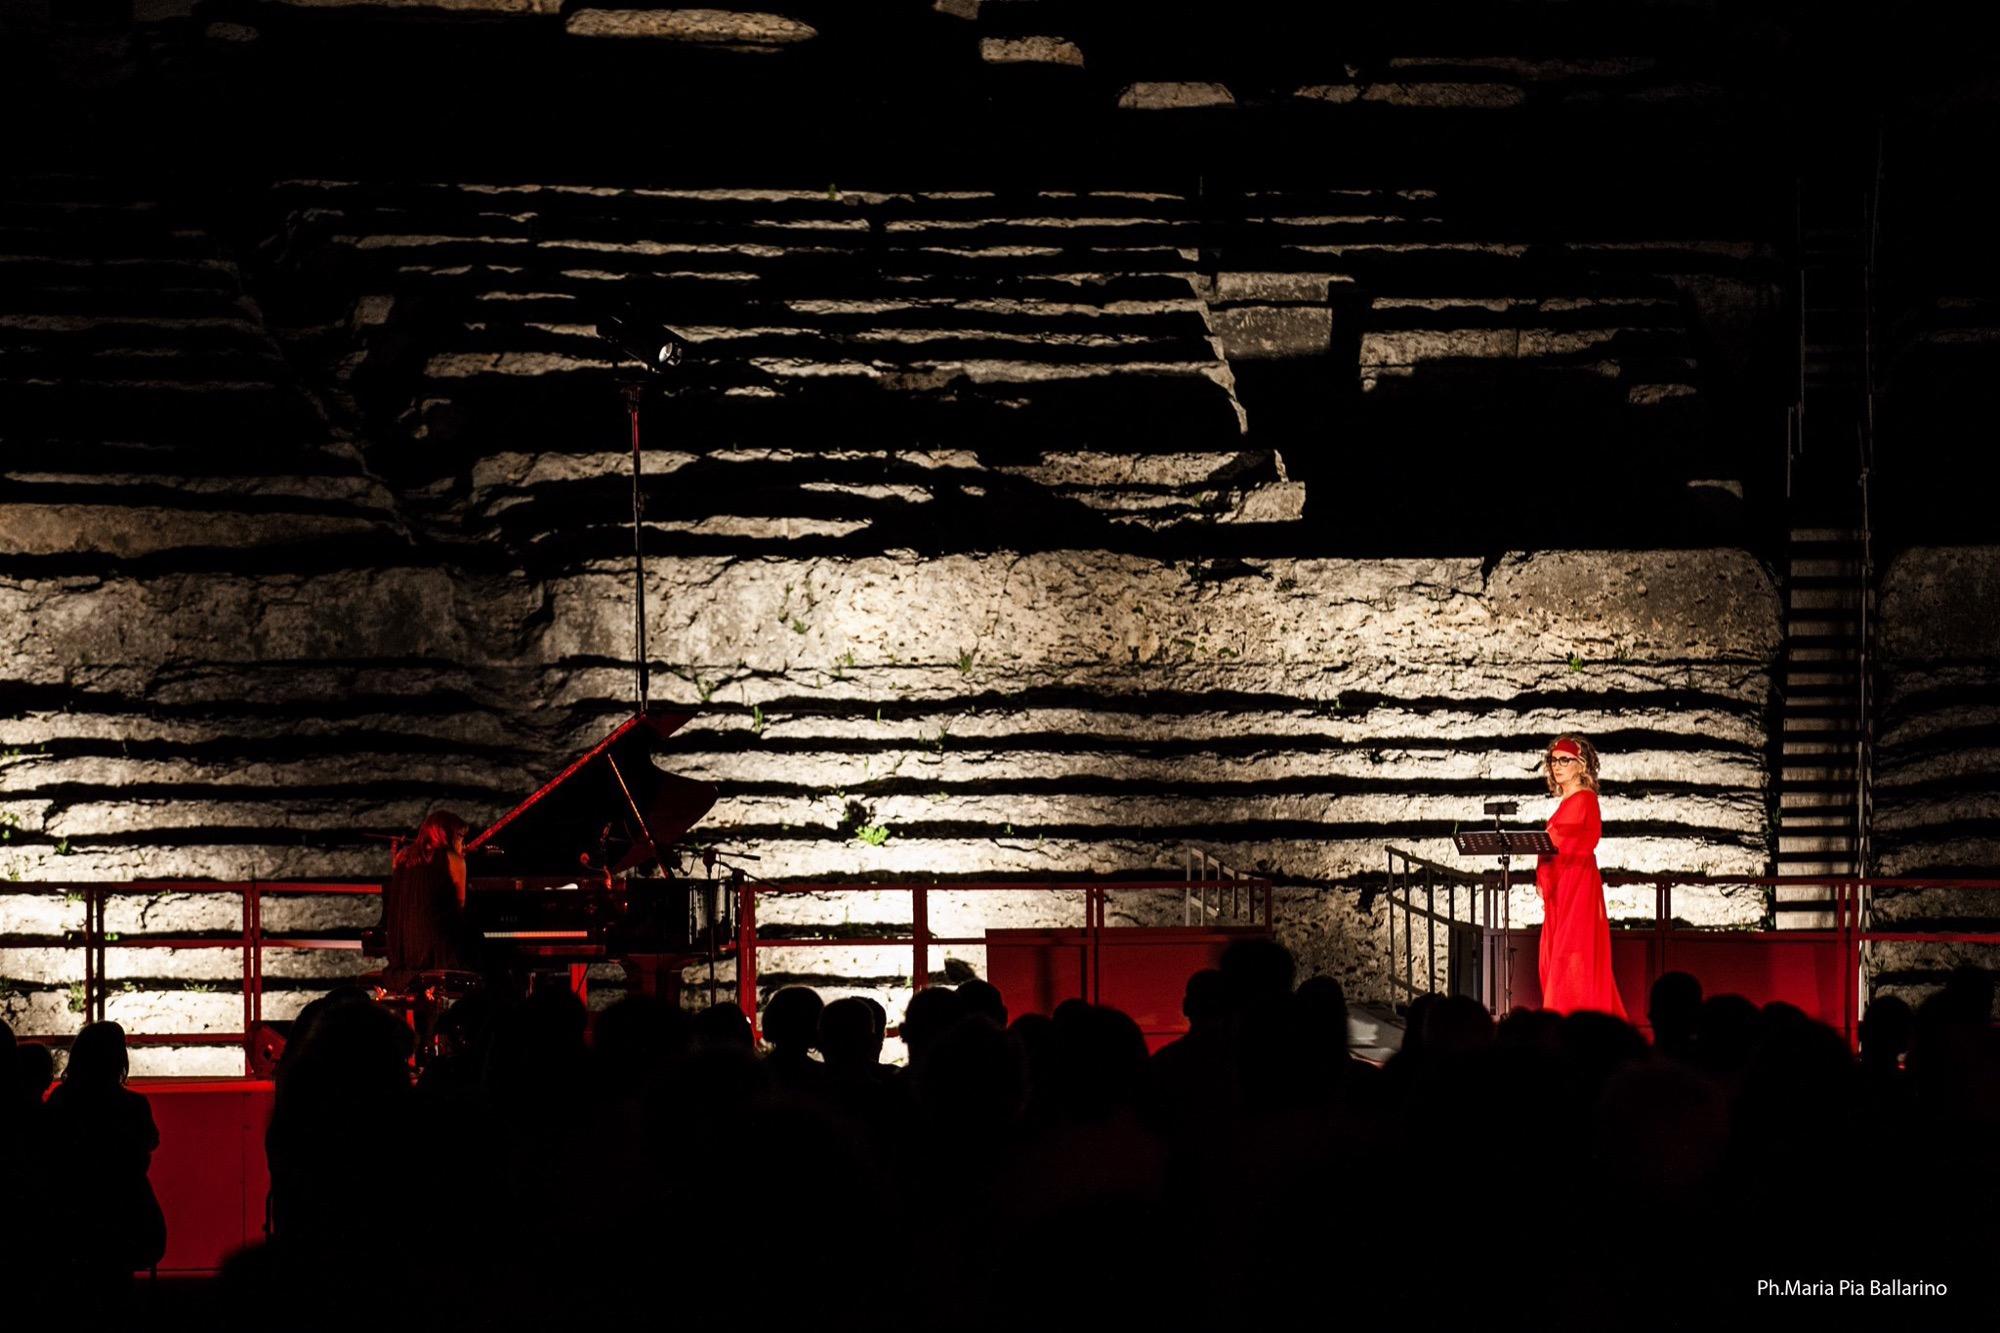 Da Medea a Medea al Teatro Greco di Siracusa: Grandi applausi per Lunetta Savino e Rita Marcotulli